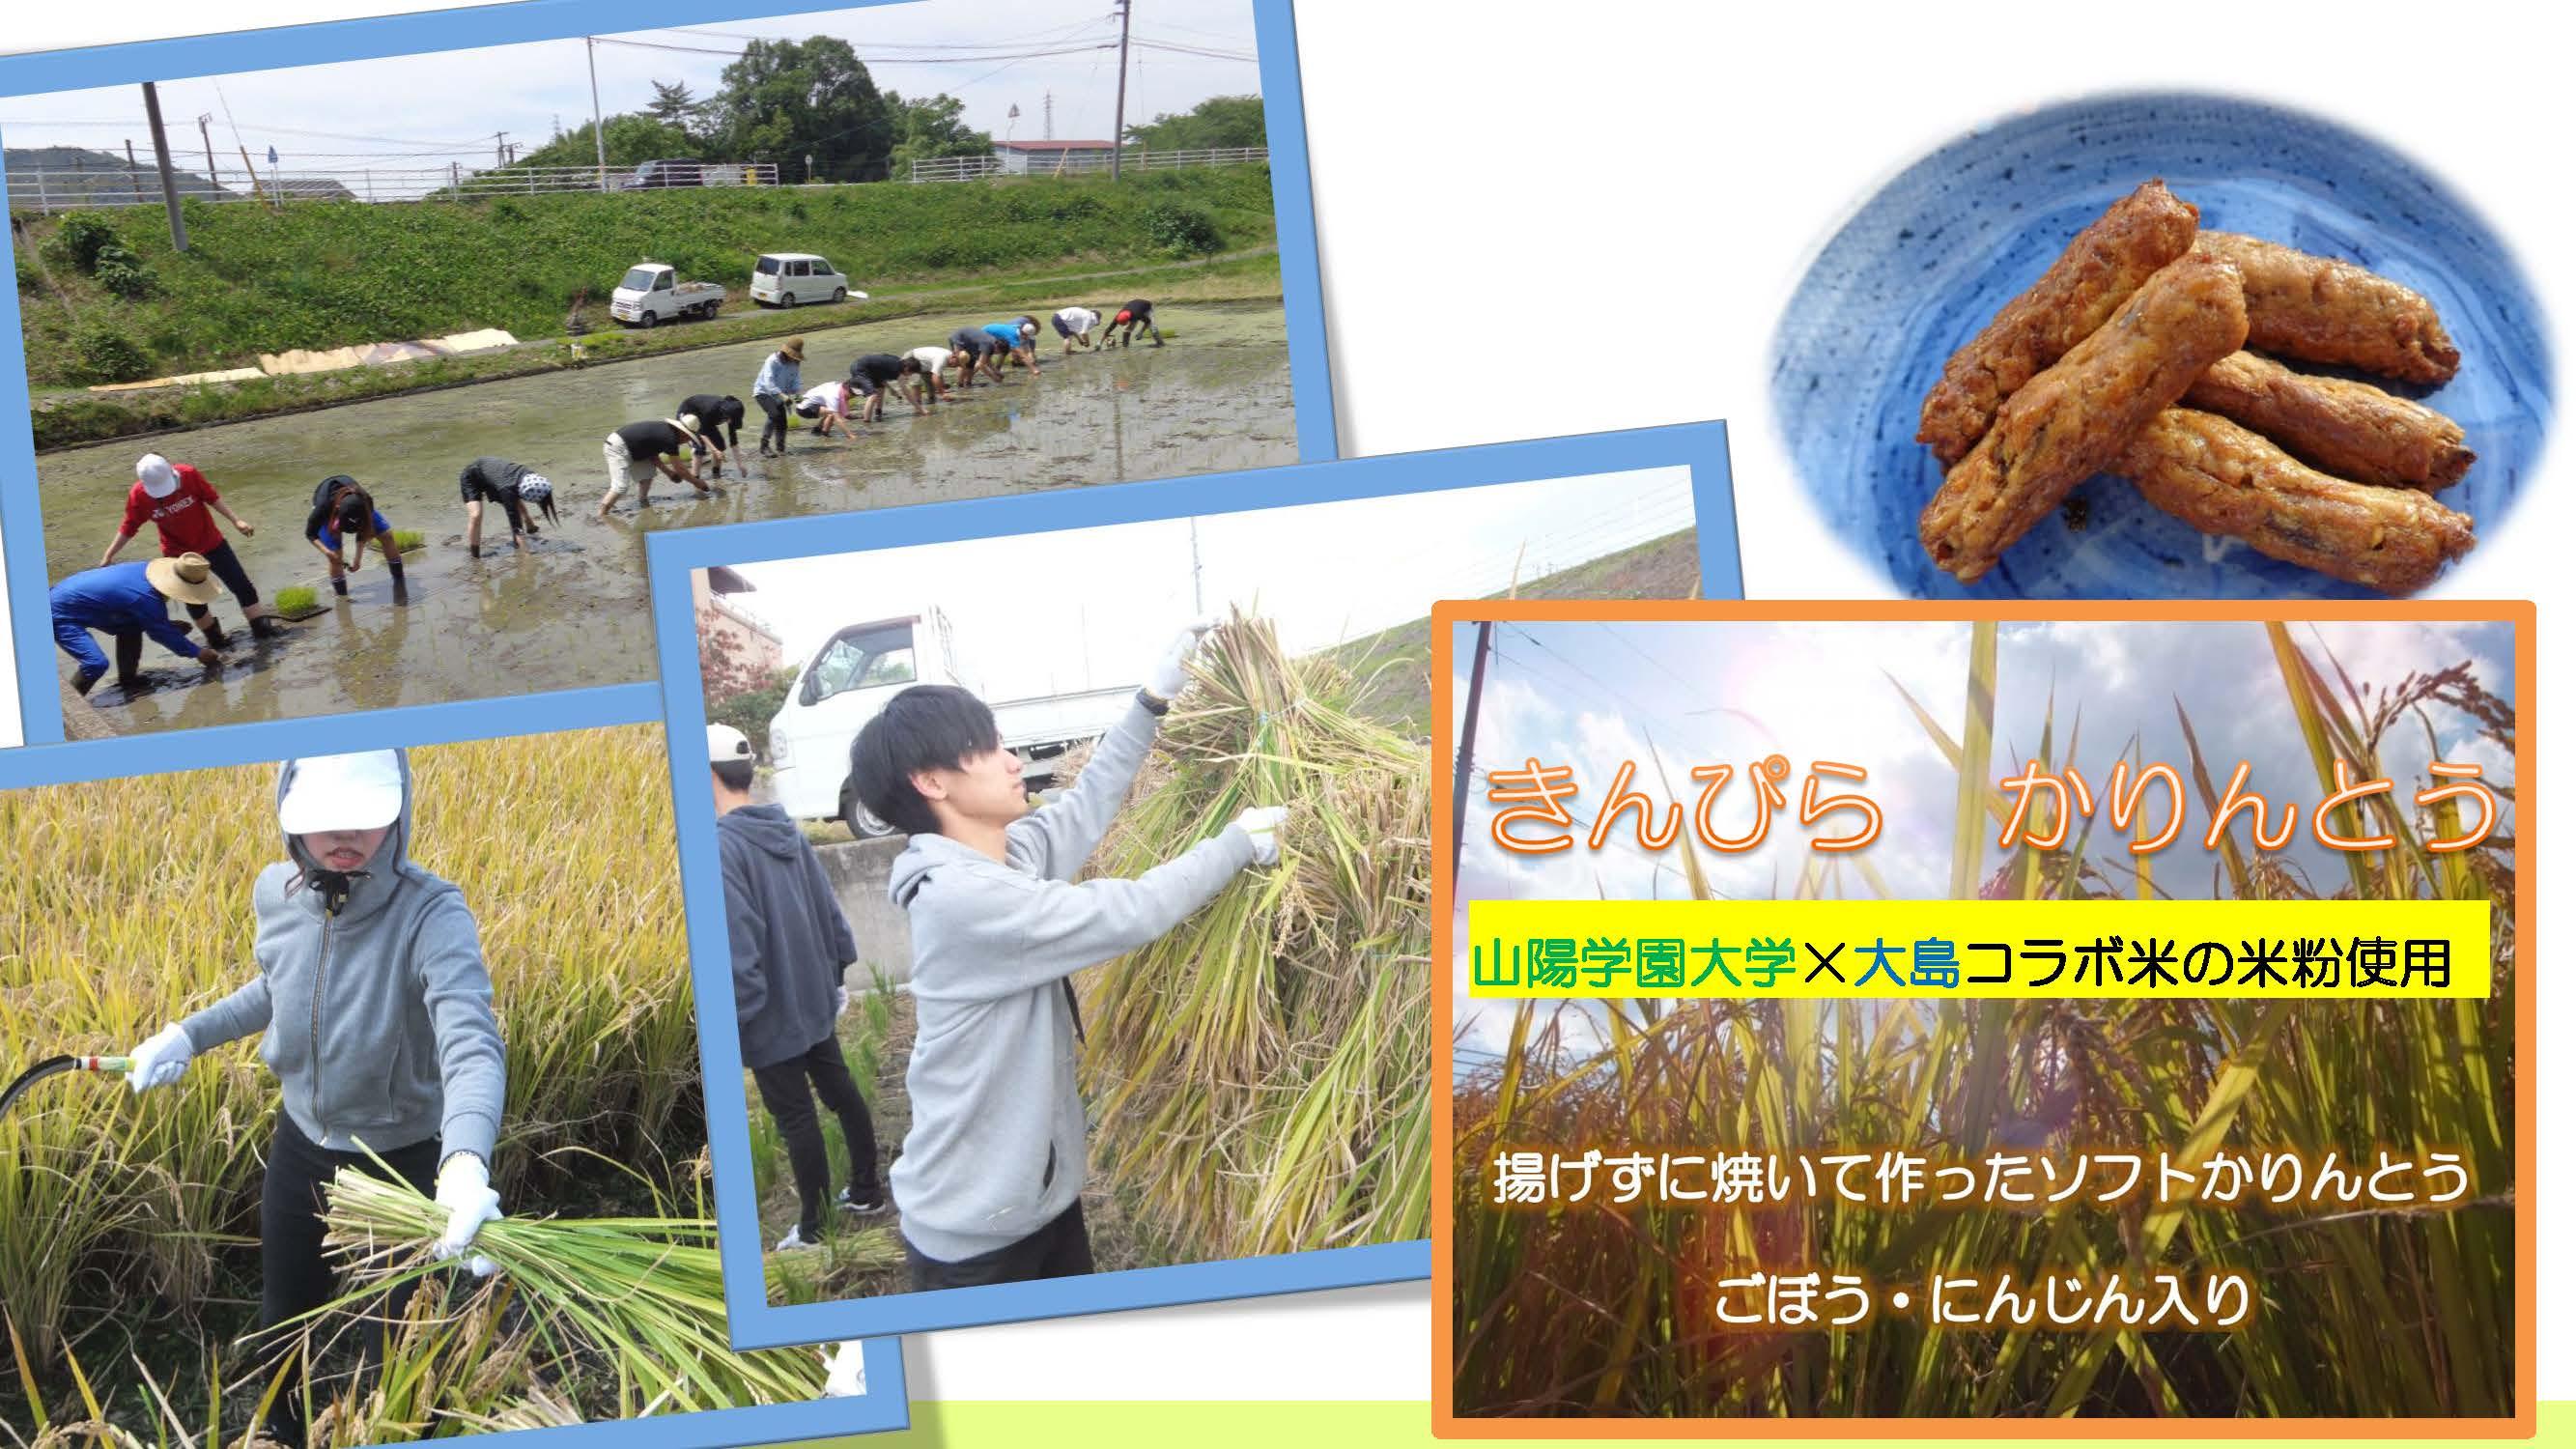 20181203秋穫祭_ページ_2